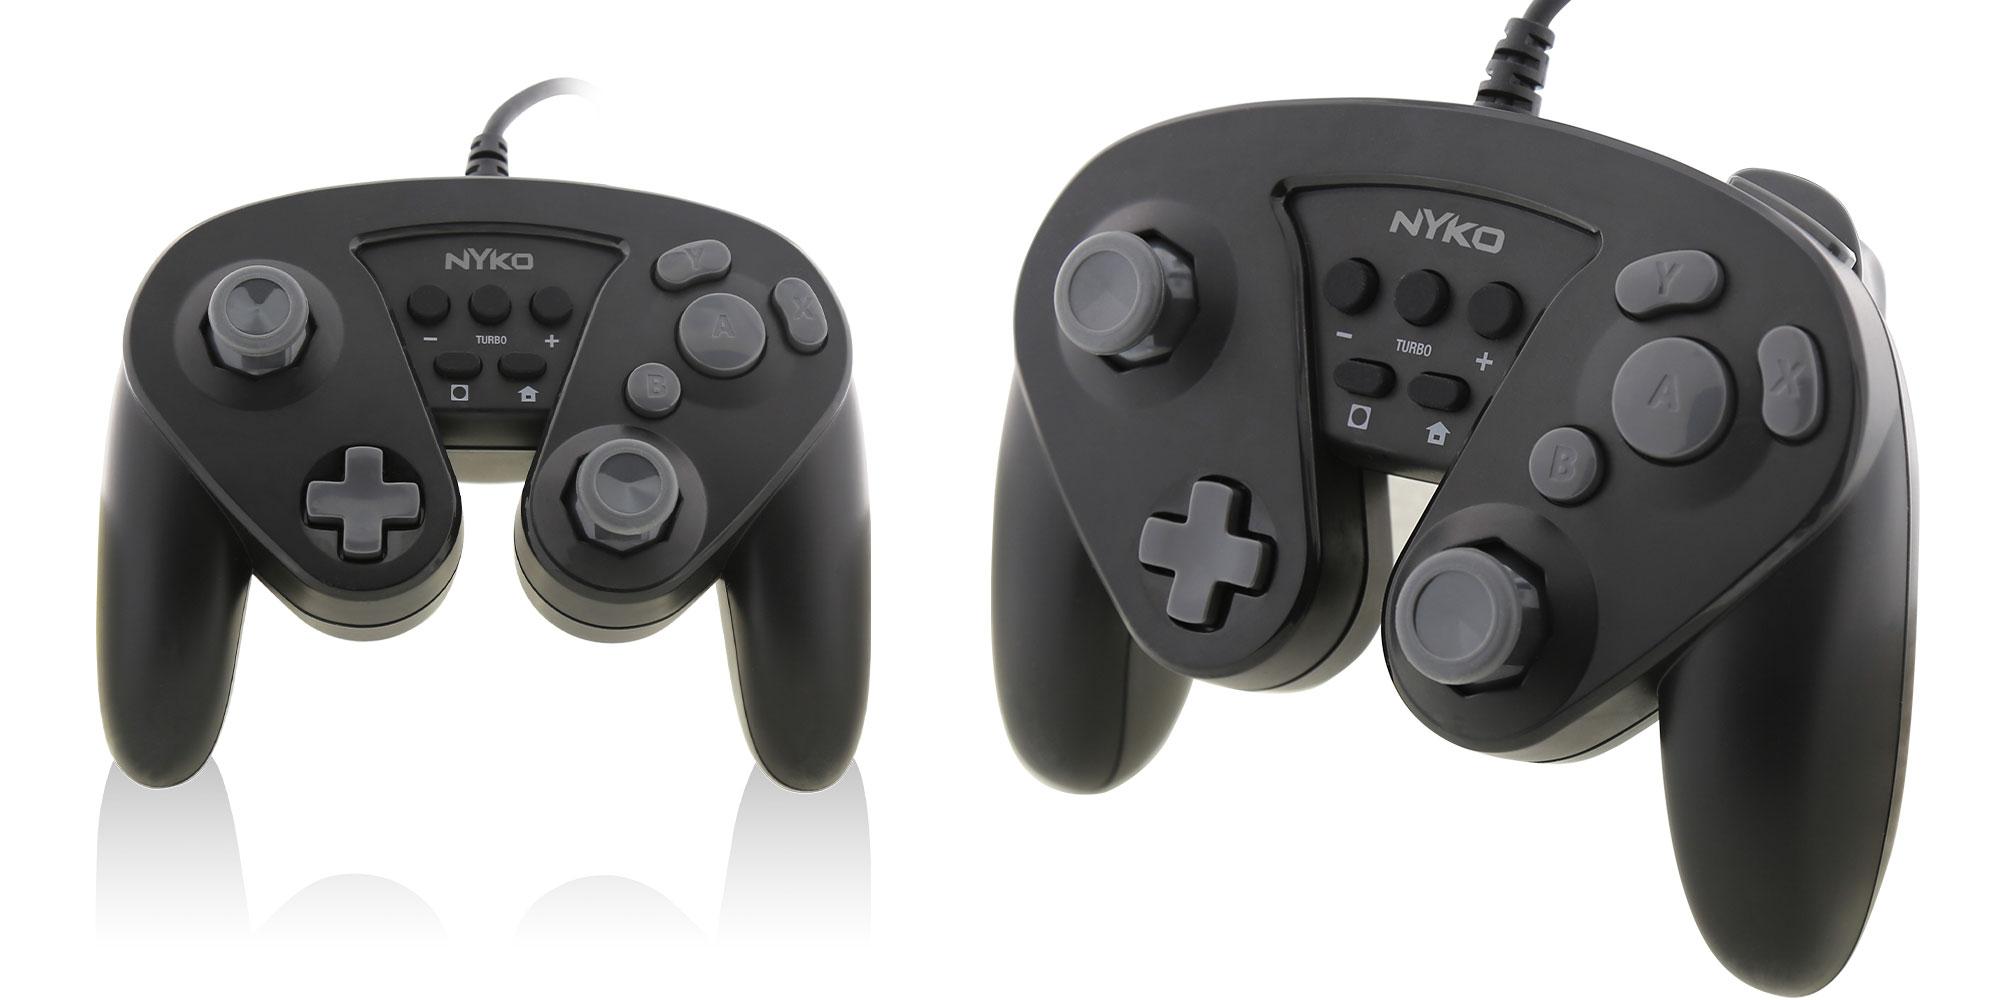 Nyko Retro Core Controller